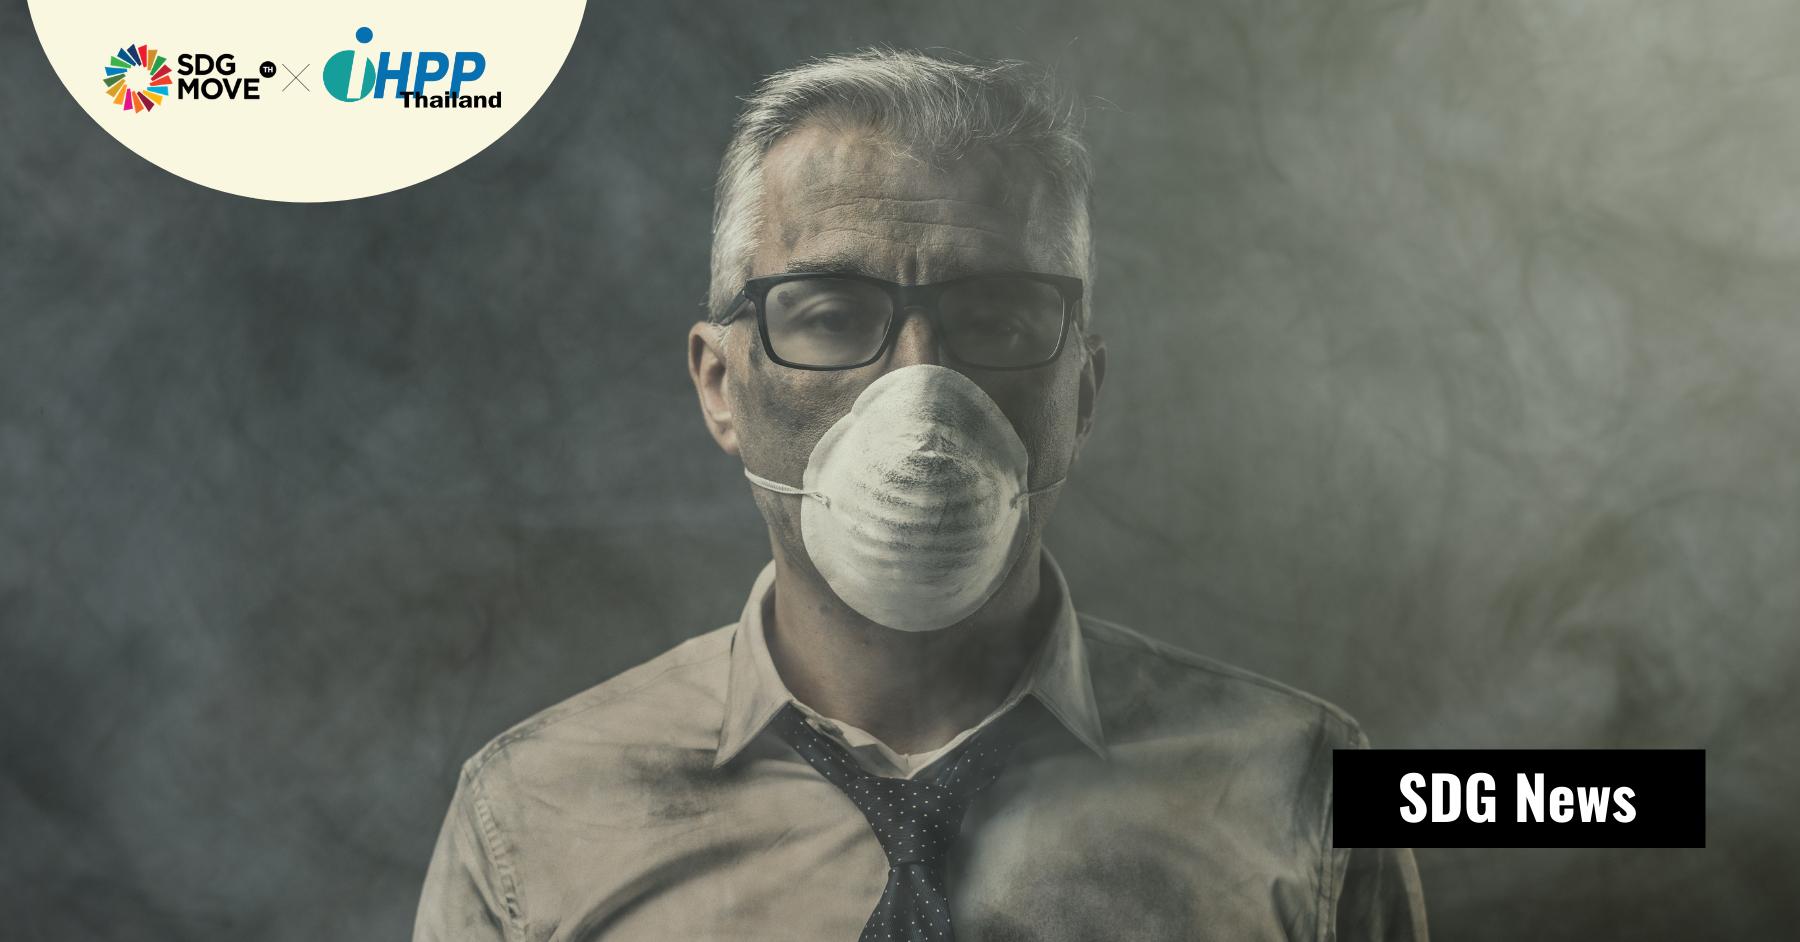 การศึกษาใหม่พบว่า 1 ใน 5 ของจำนวนการตายทั่วโลก มีสาเหตุจากมลพิษจากการเผาไหม้เชื้อเพลิงฟอสซิล